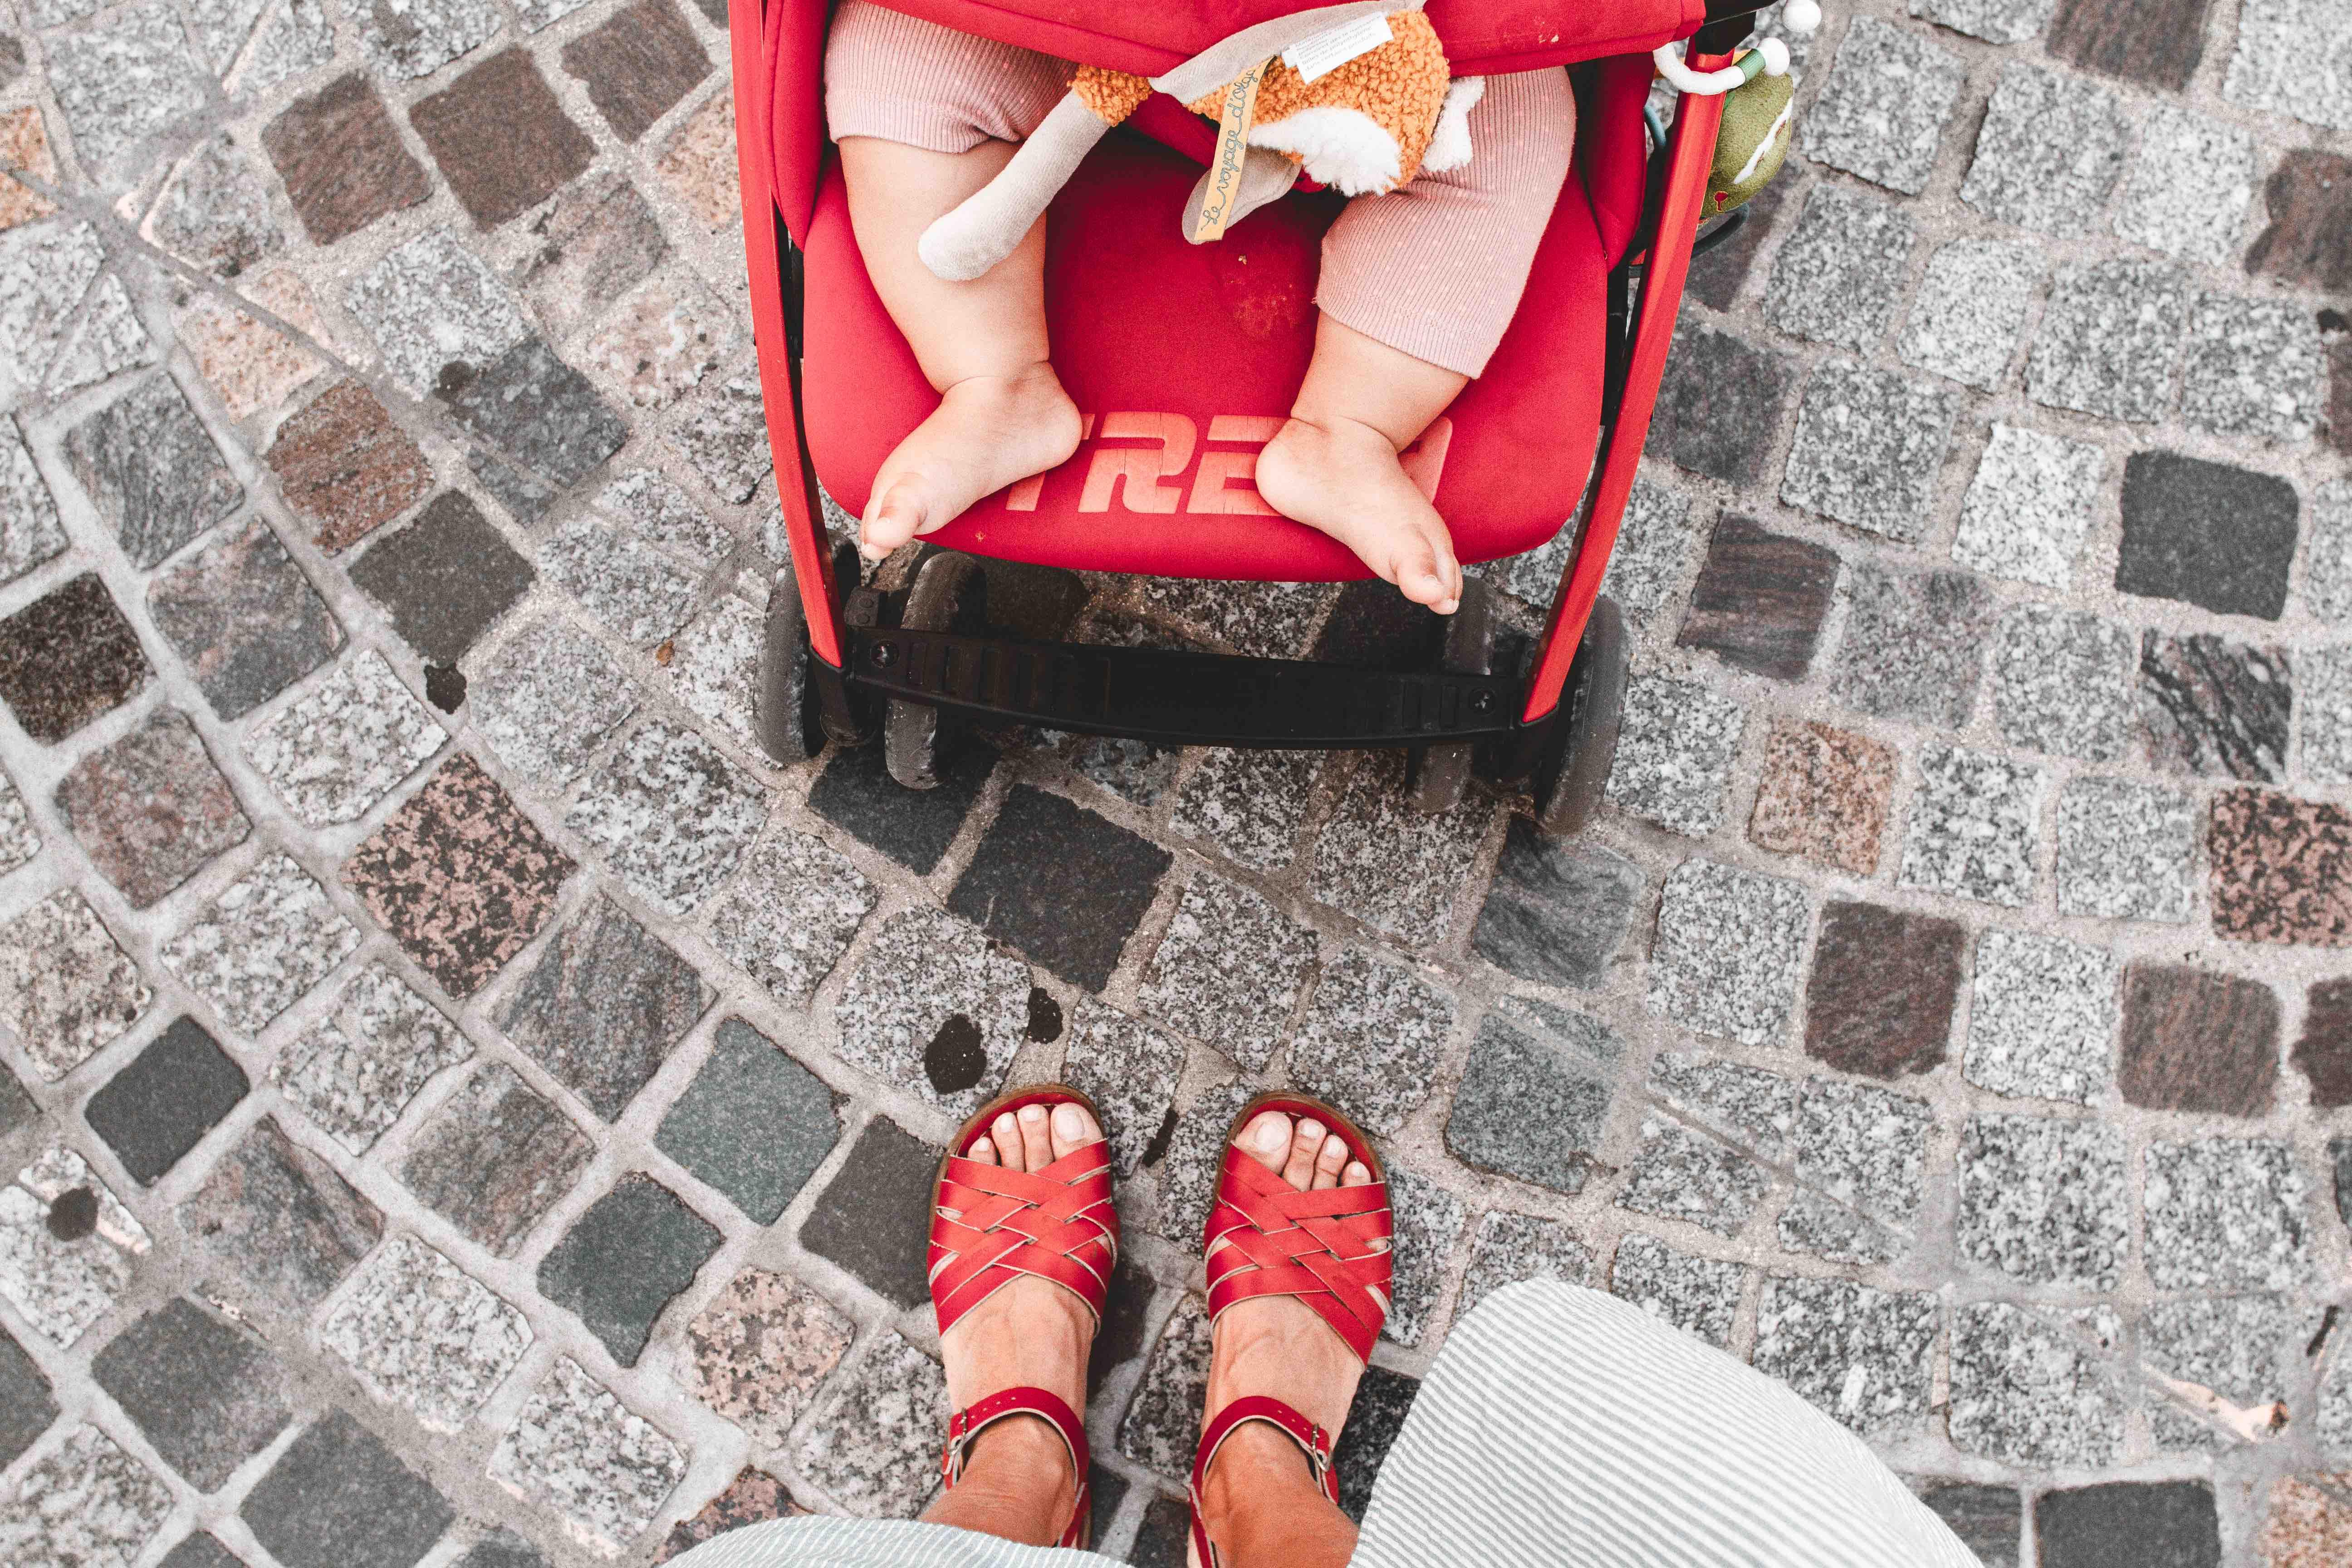 Dall'Italia all'Olanda in macchina: bambina dorme nel passeggino